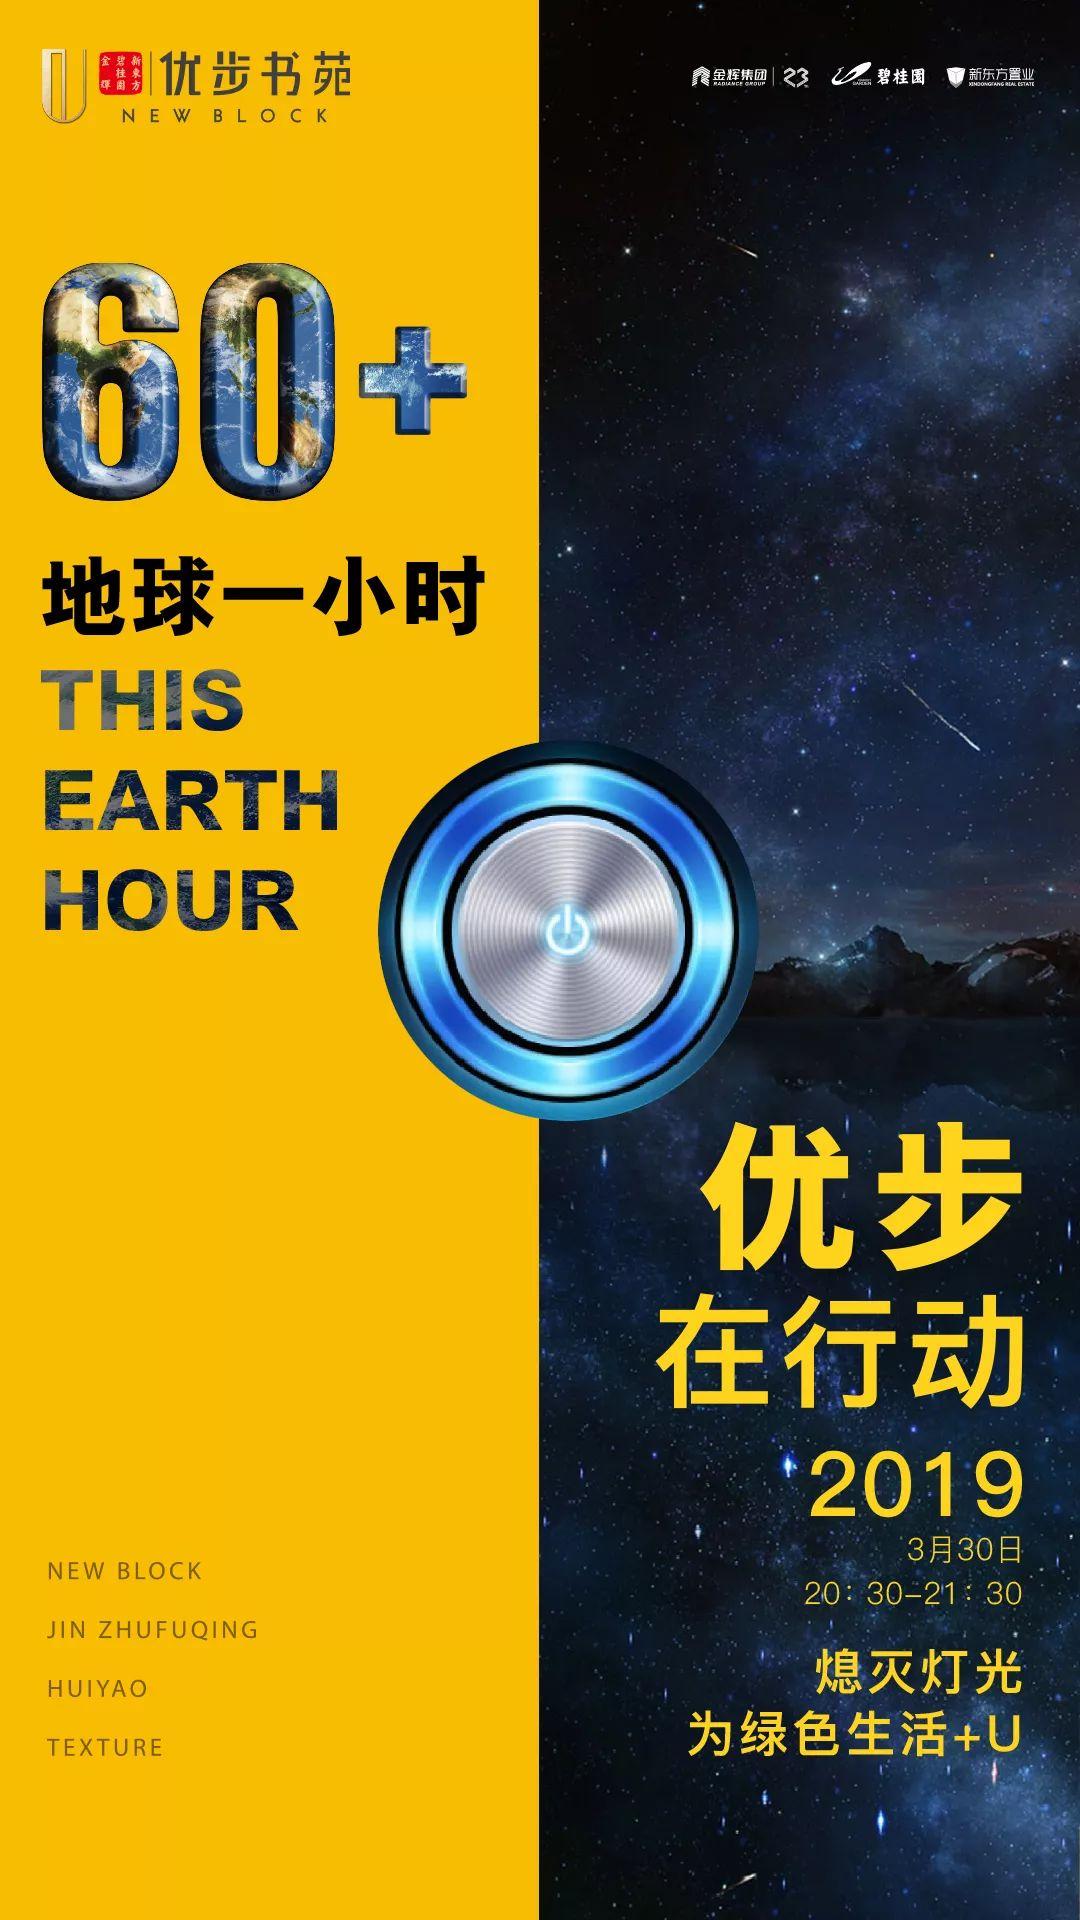 地球一小时文案海报:抬头发现天空中最亮的星!插图21